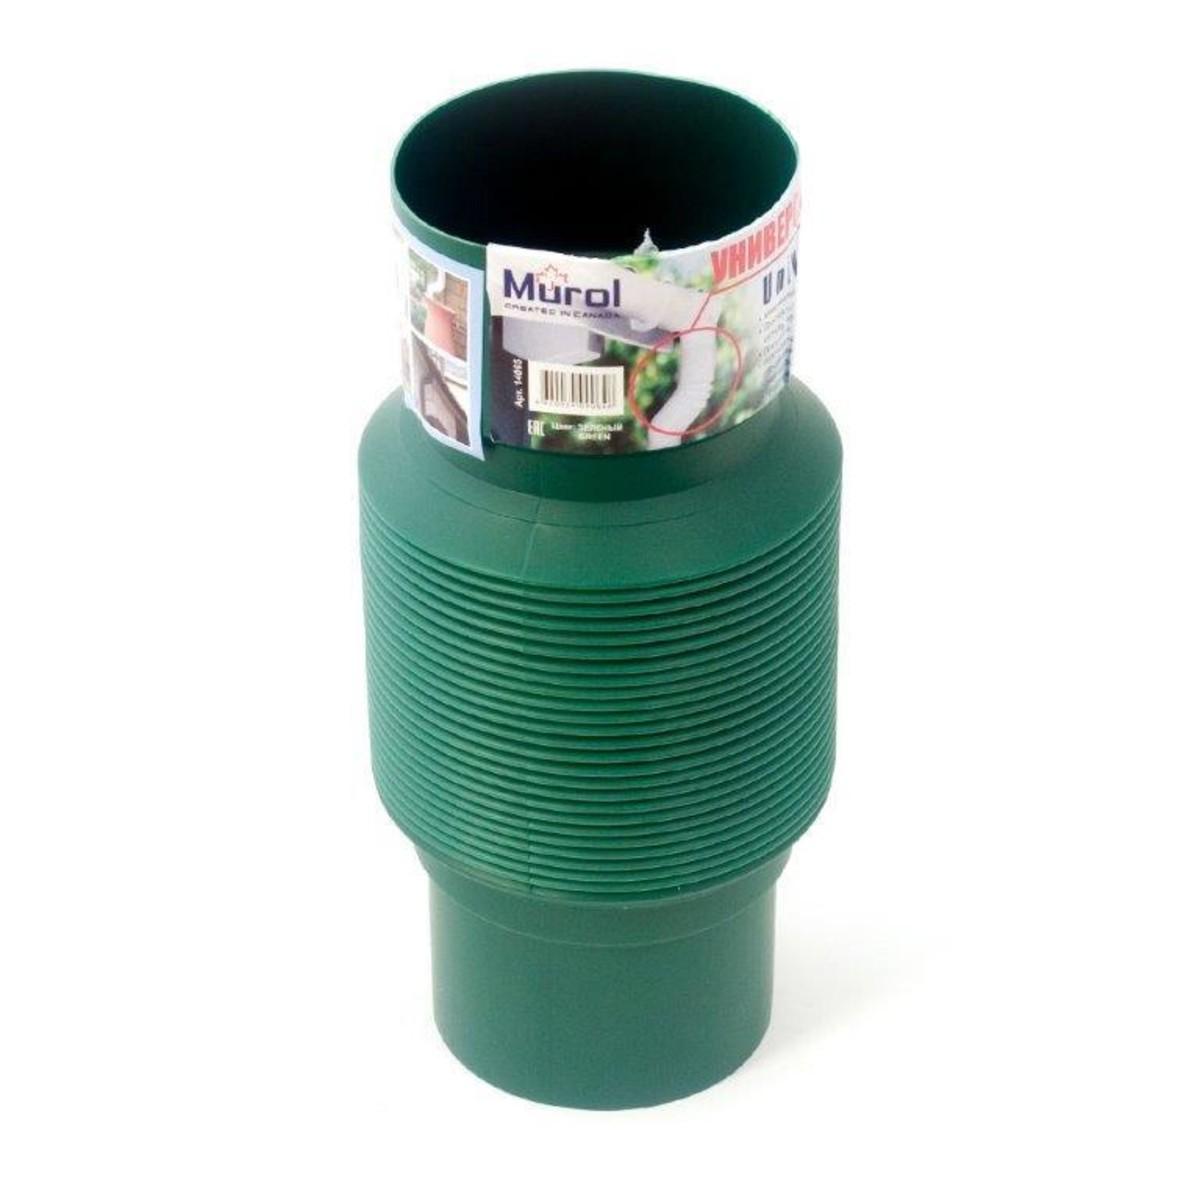 Гибкий отвод murol 80 мм цвет зелёный